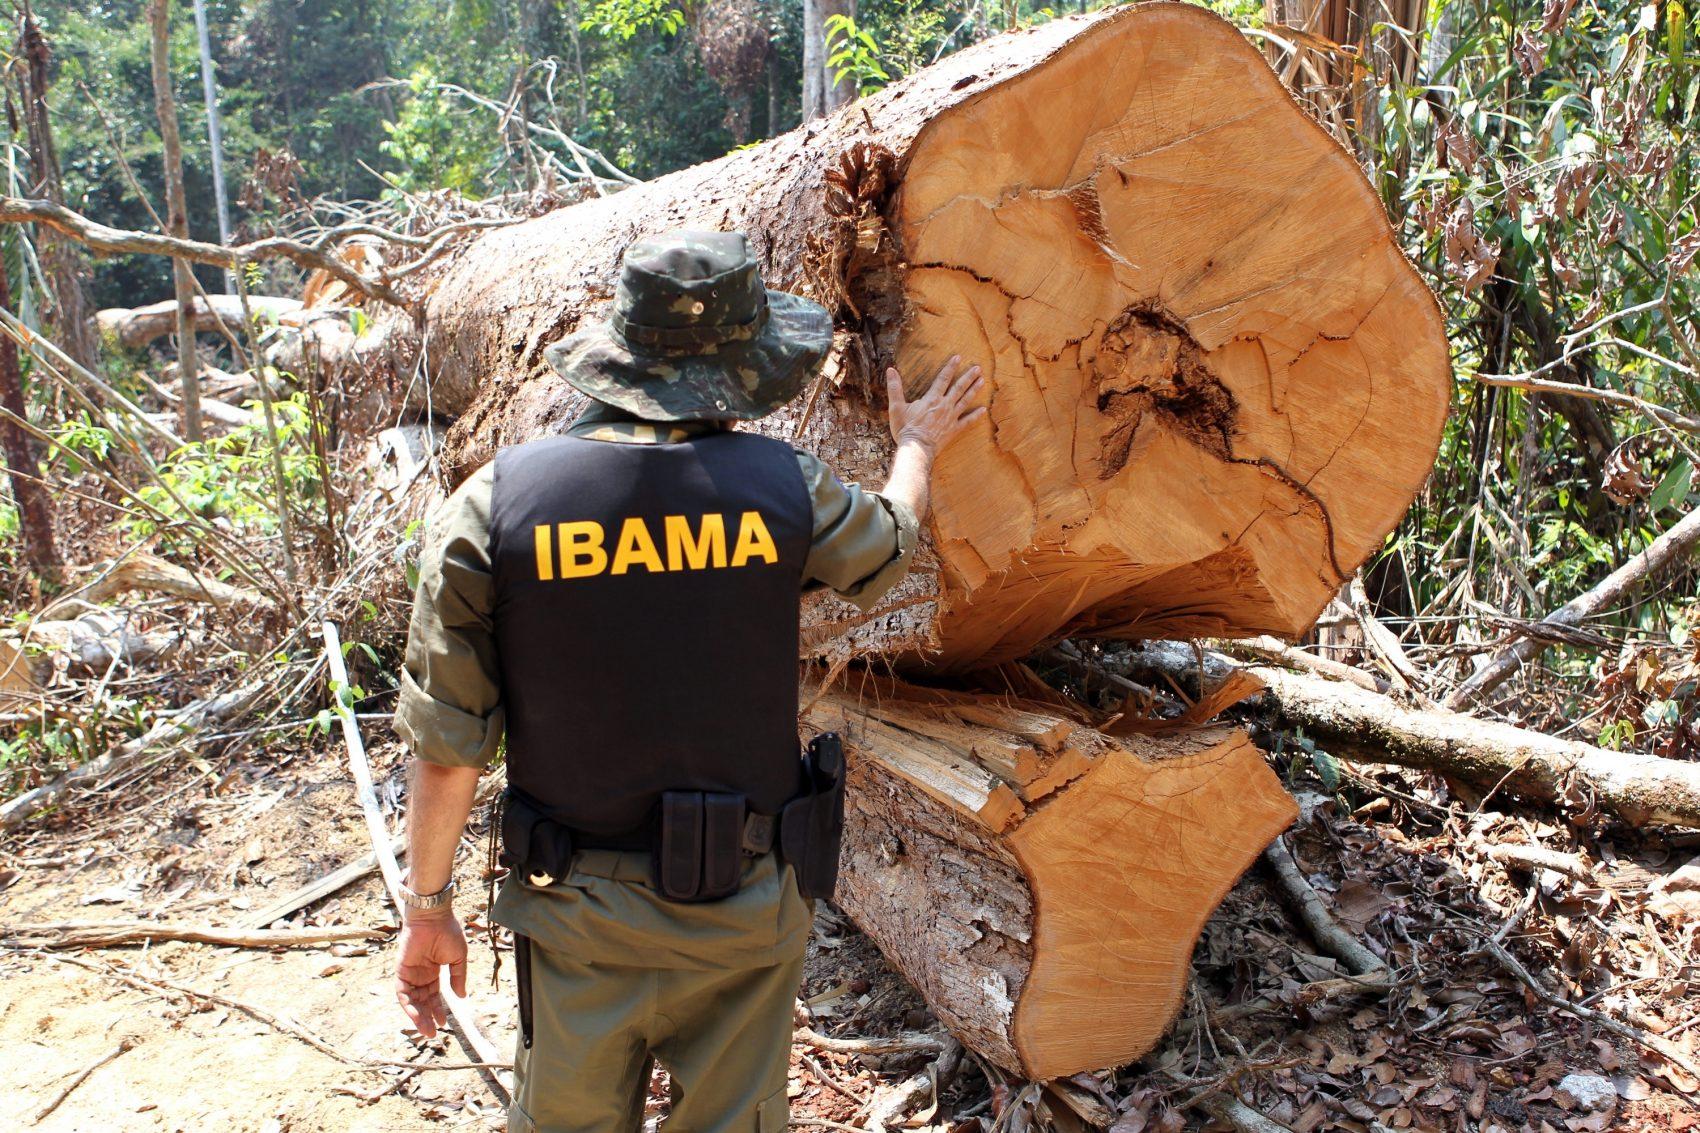 Oficial do Ibama inspeciona árvore cortada no maior esquema de desmatamento ilegal, grilagem de terras e trabalho escravo do país, descoberto pela Operação Rios Voadores